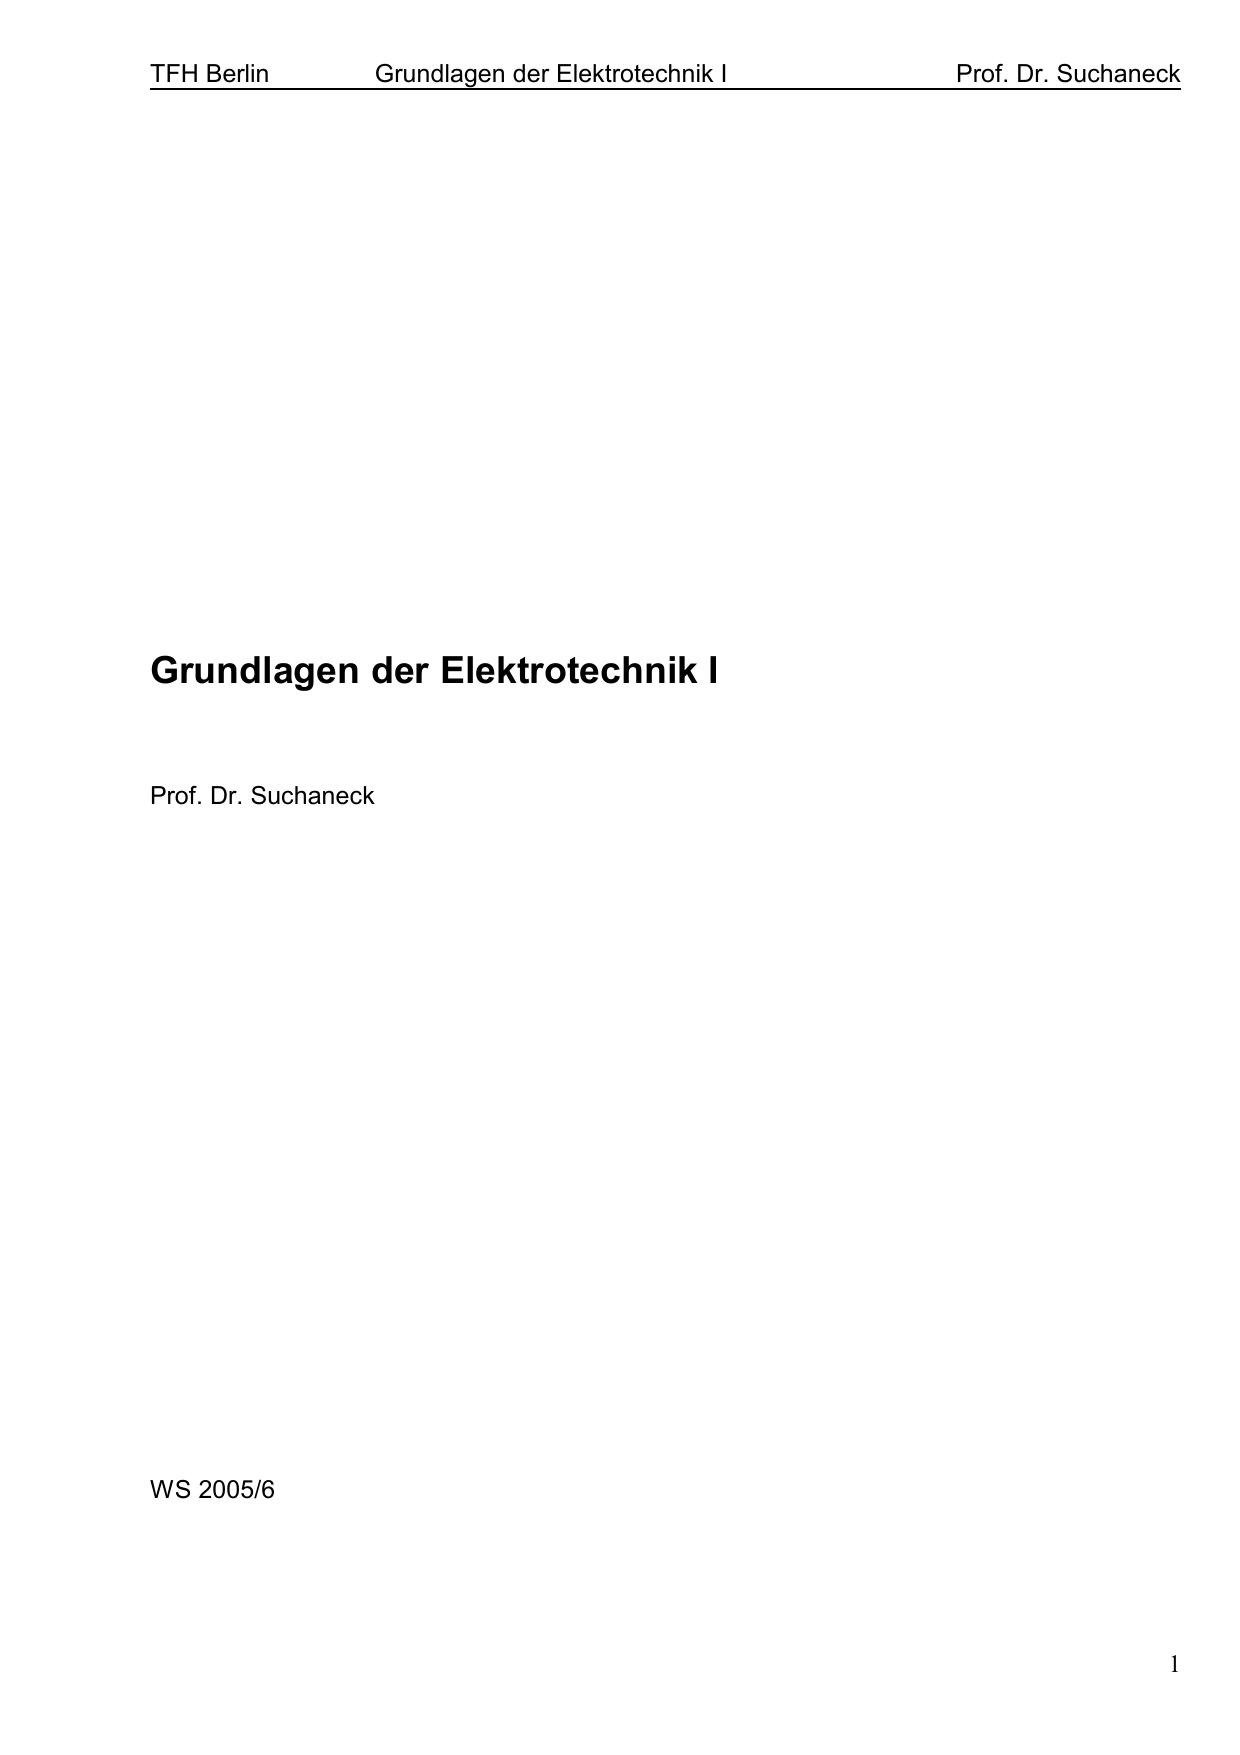 Grundlagen der Elektrotechnik I - Beuth Hochschule für Technik ...